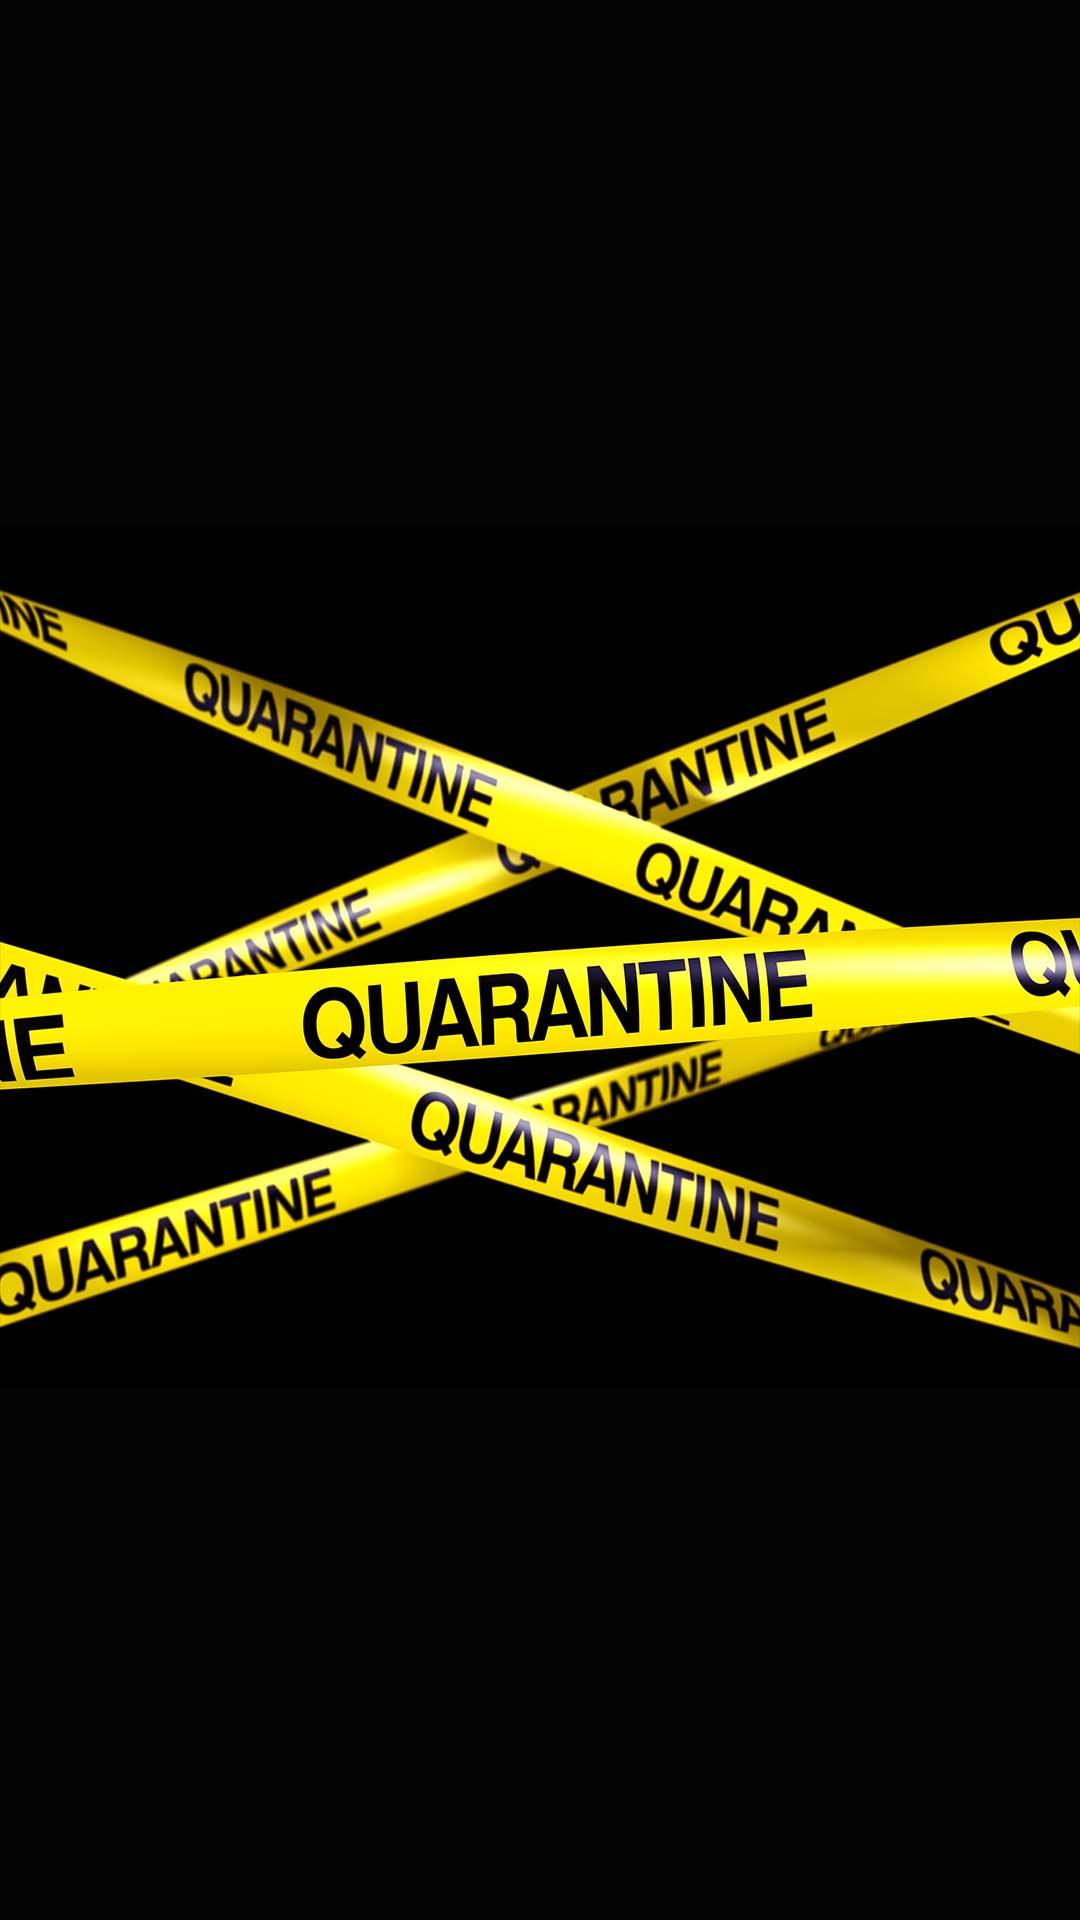 Quarantine iPhone Wallpaper